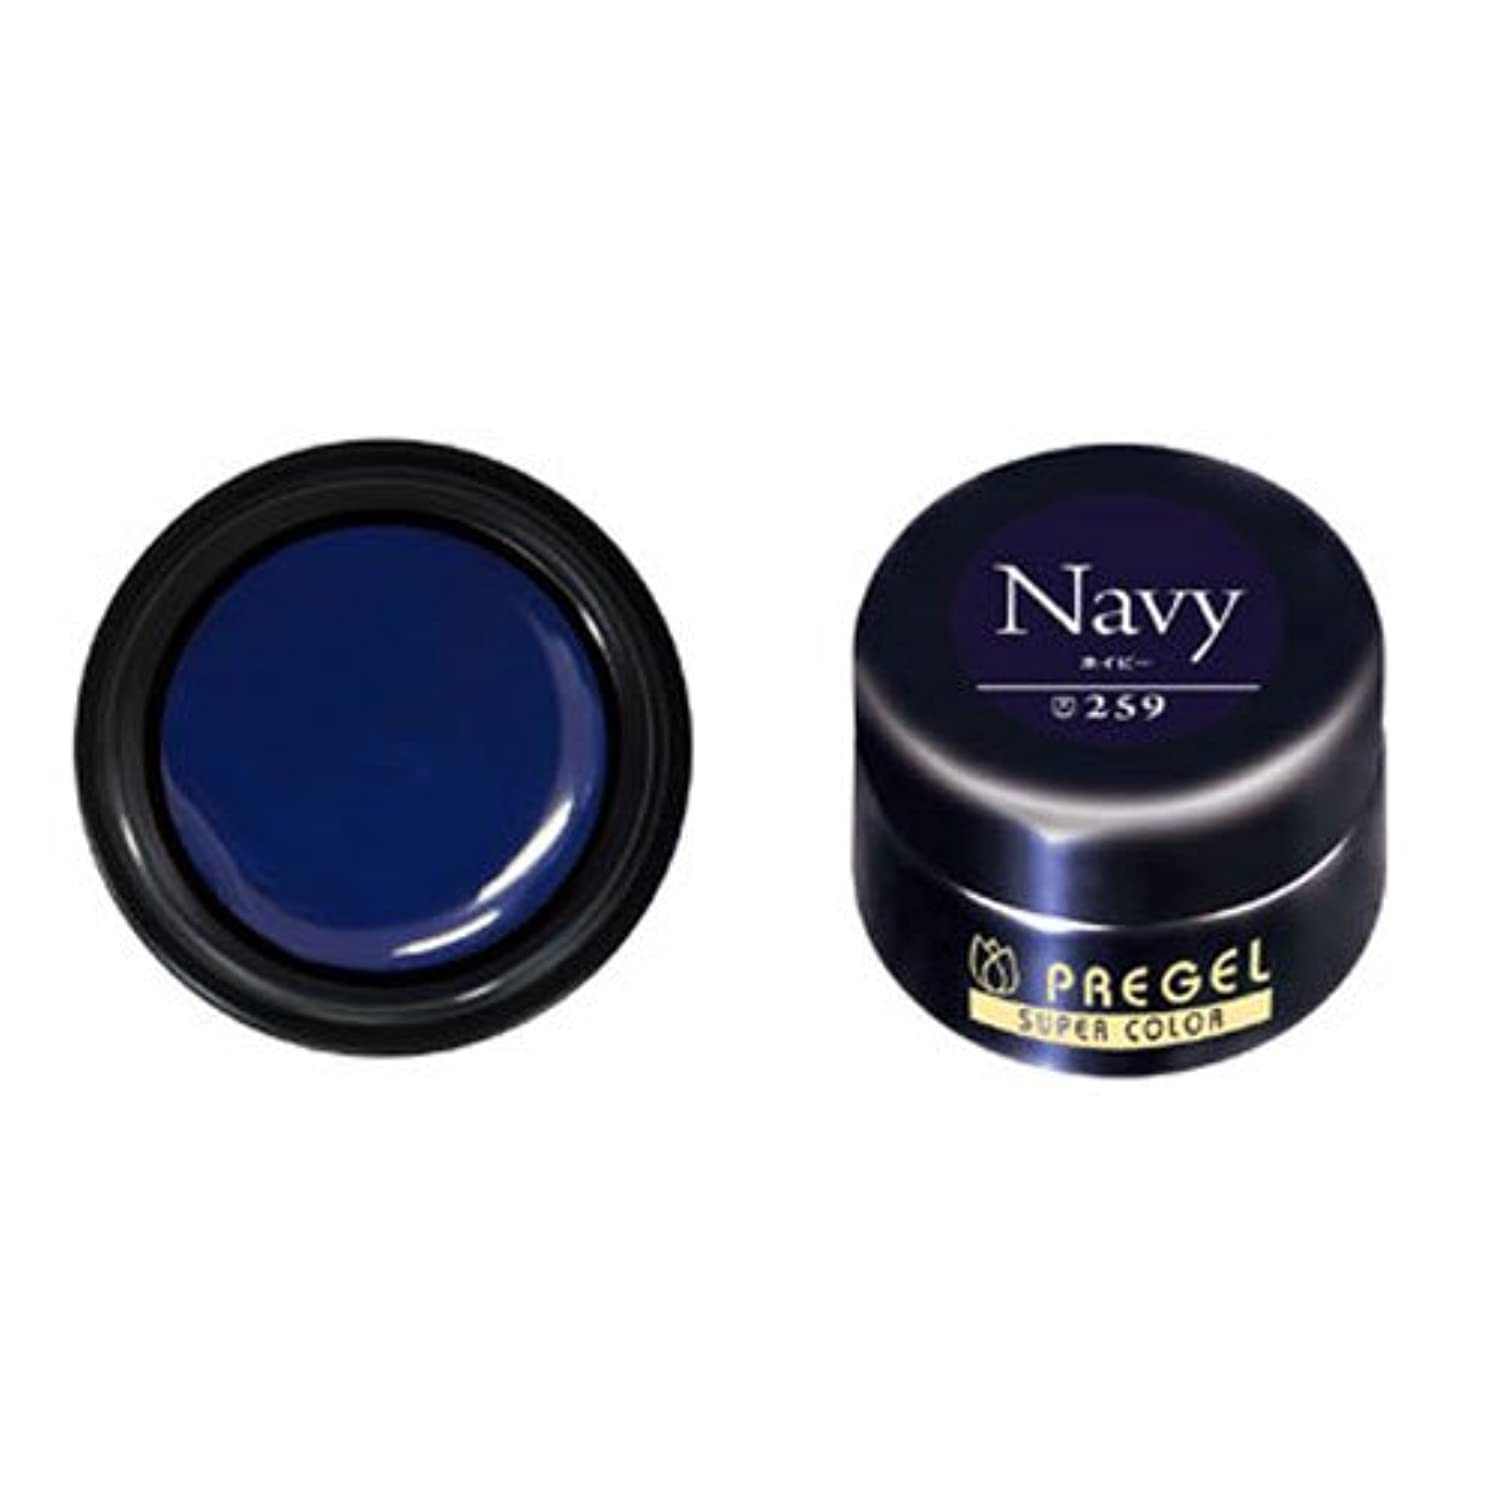 受信機警官北方プリジェル スーパーカラーEX ネイビー 4g PG-SE259 カラージェル UV/LED対応